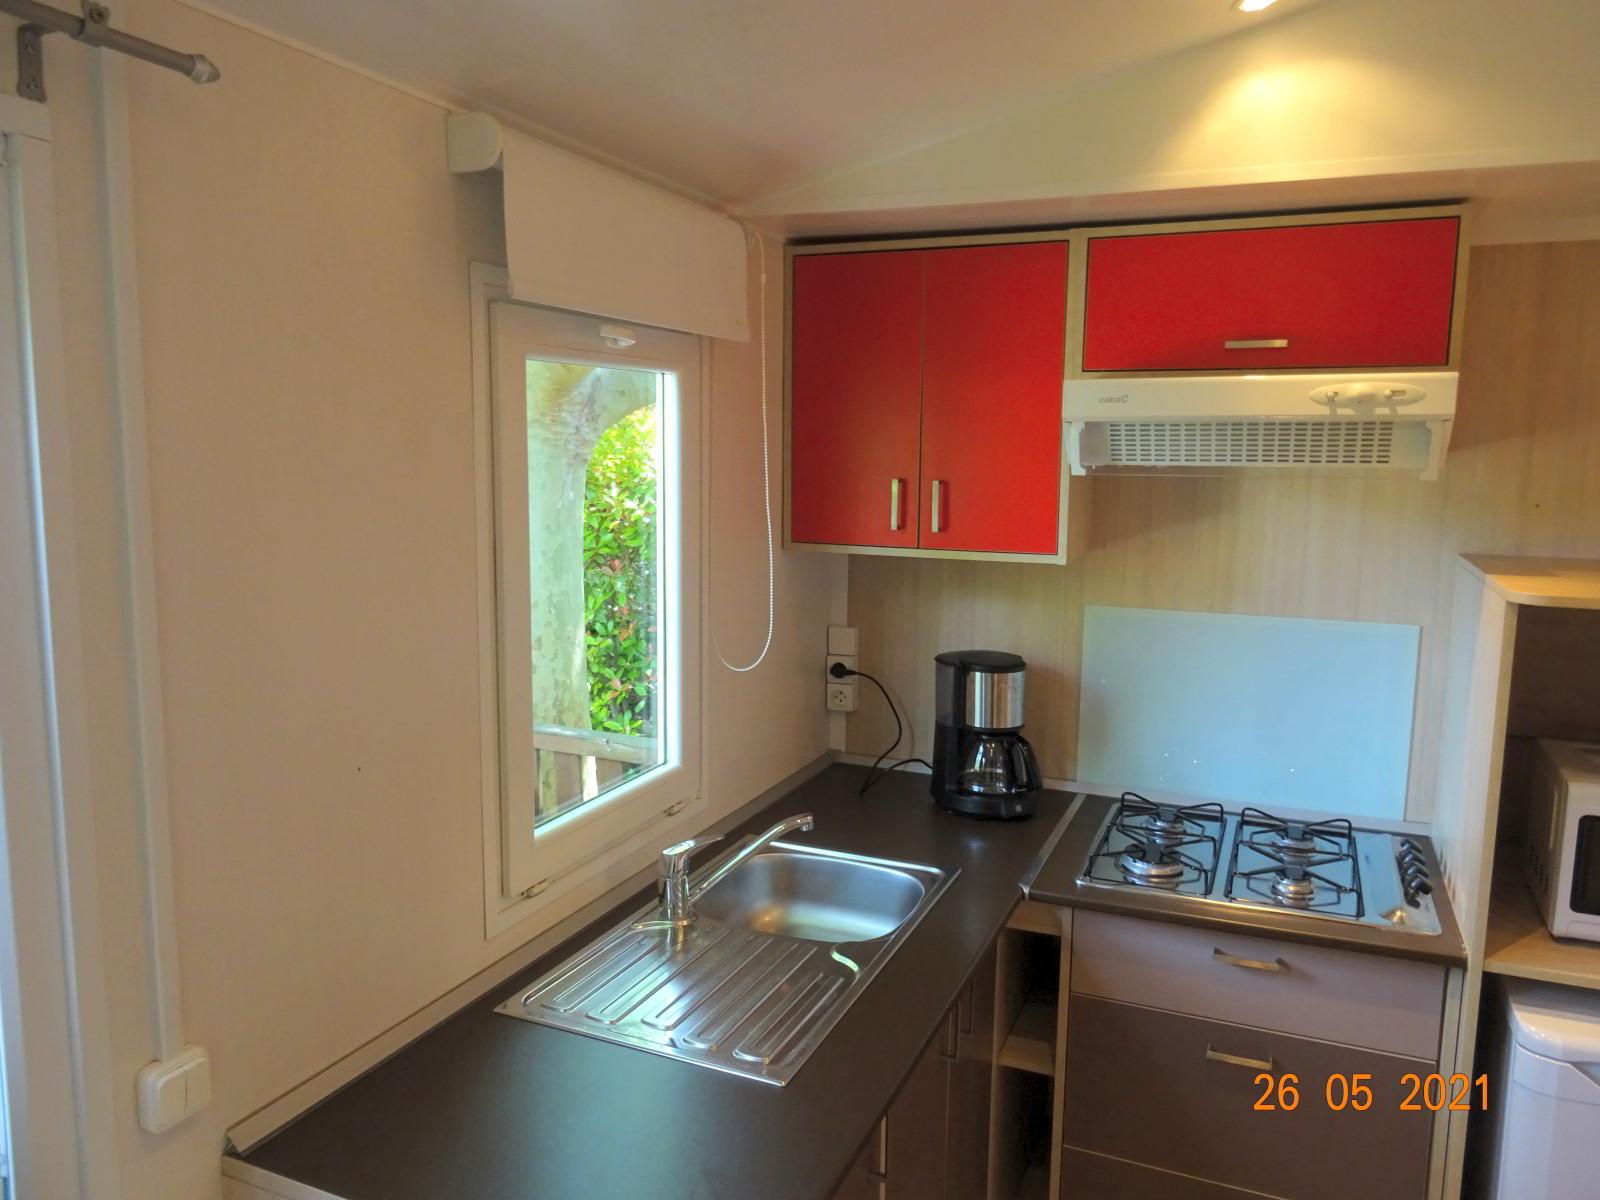 Mobilheim 2 Schlafzimmer, Küche